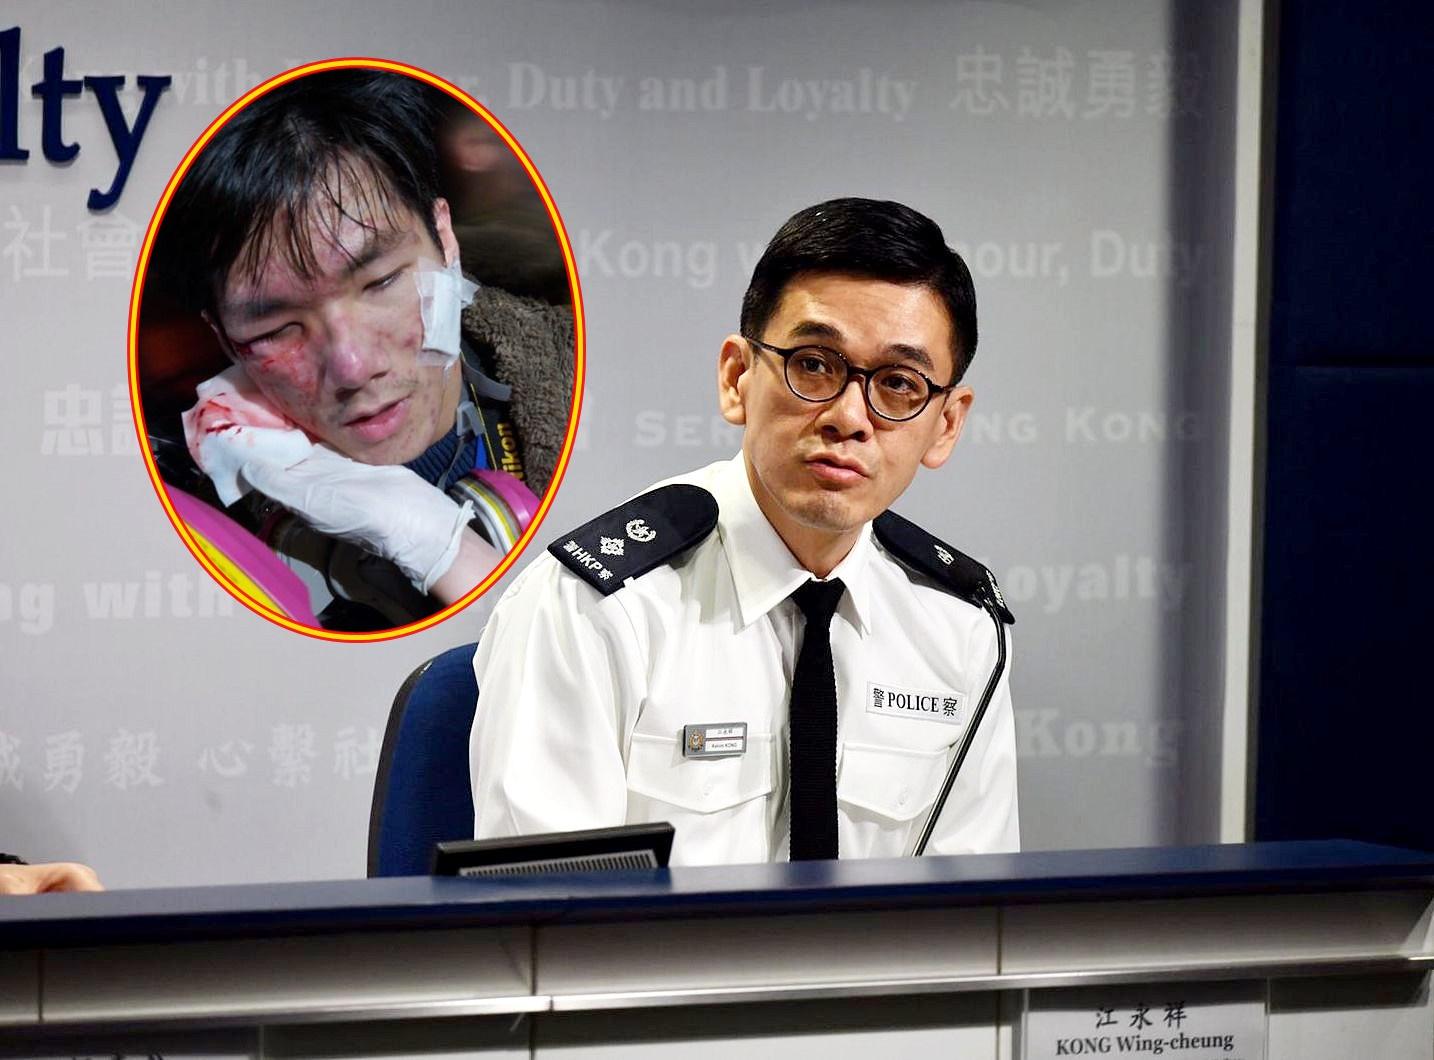 【修例风波】学生记者疑中催泪弹受伤 警:发射方向难免有他人在场